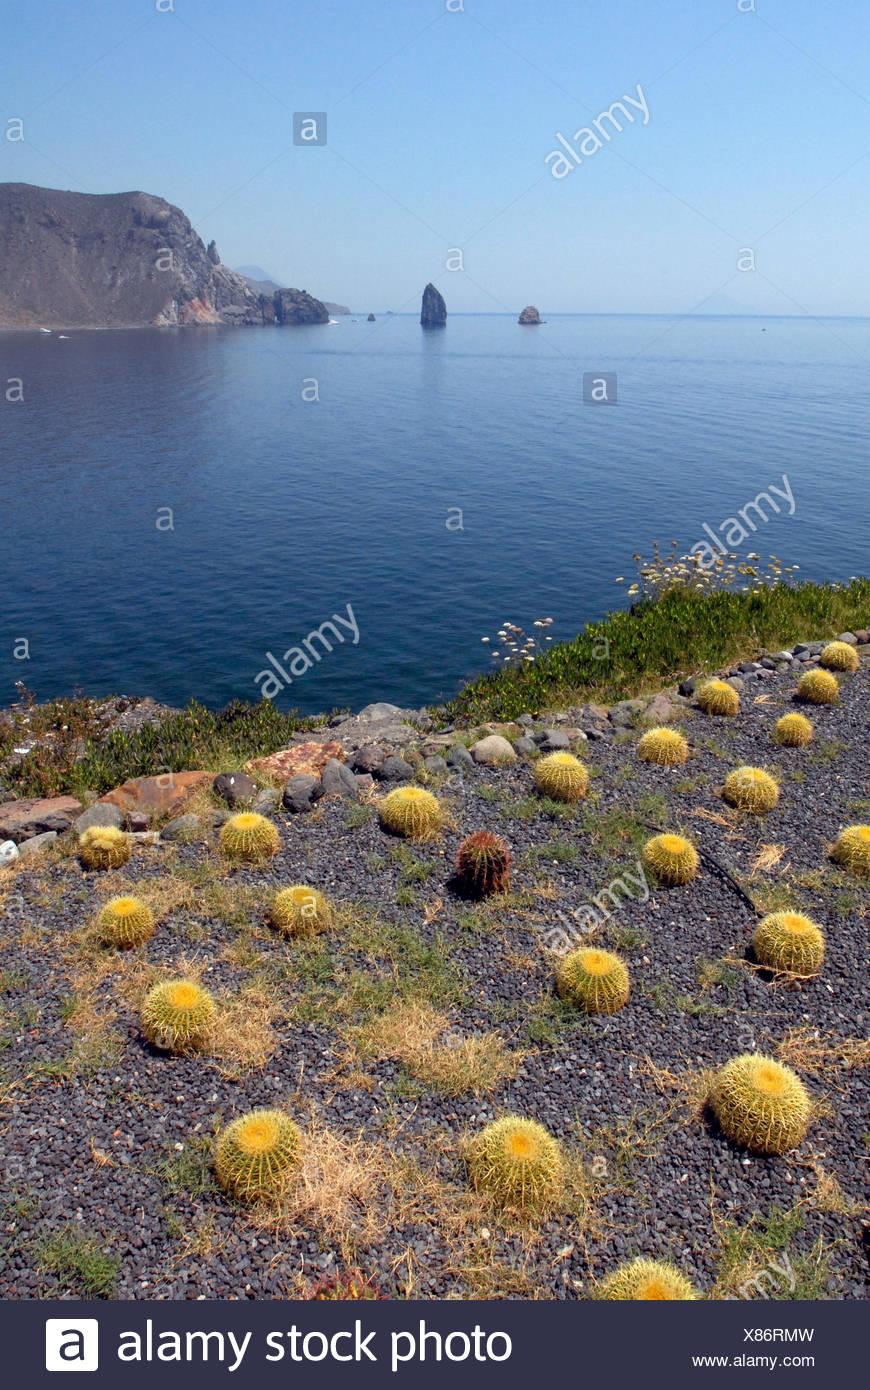 Aeolian Islands - Stock Image